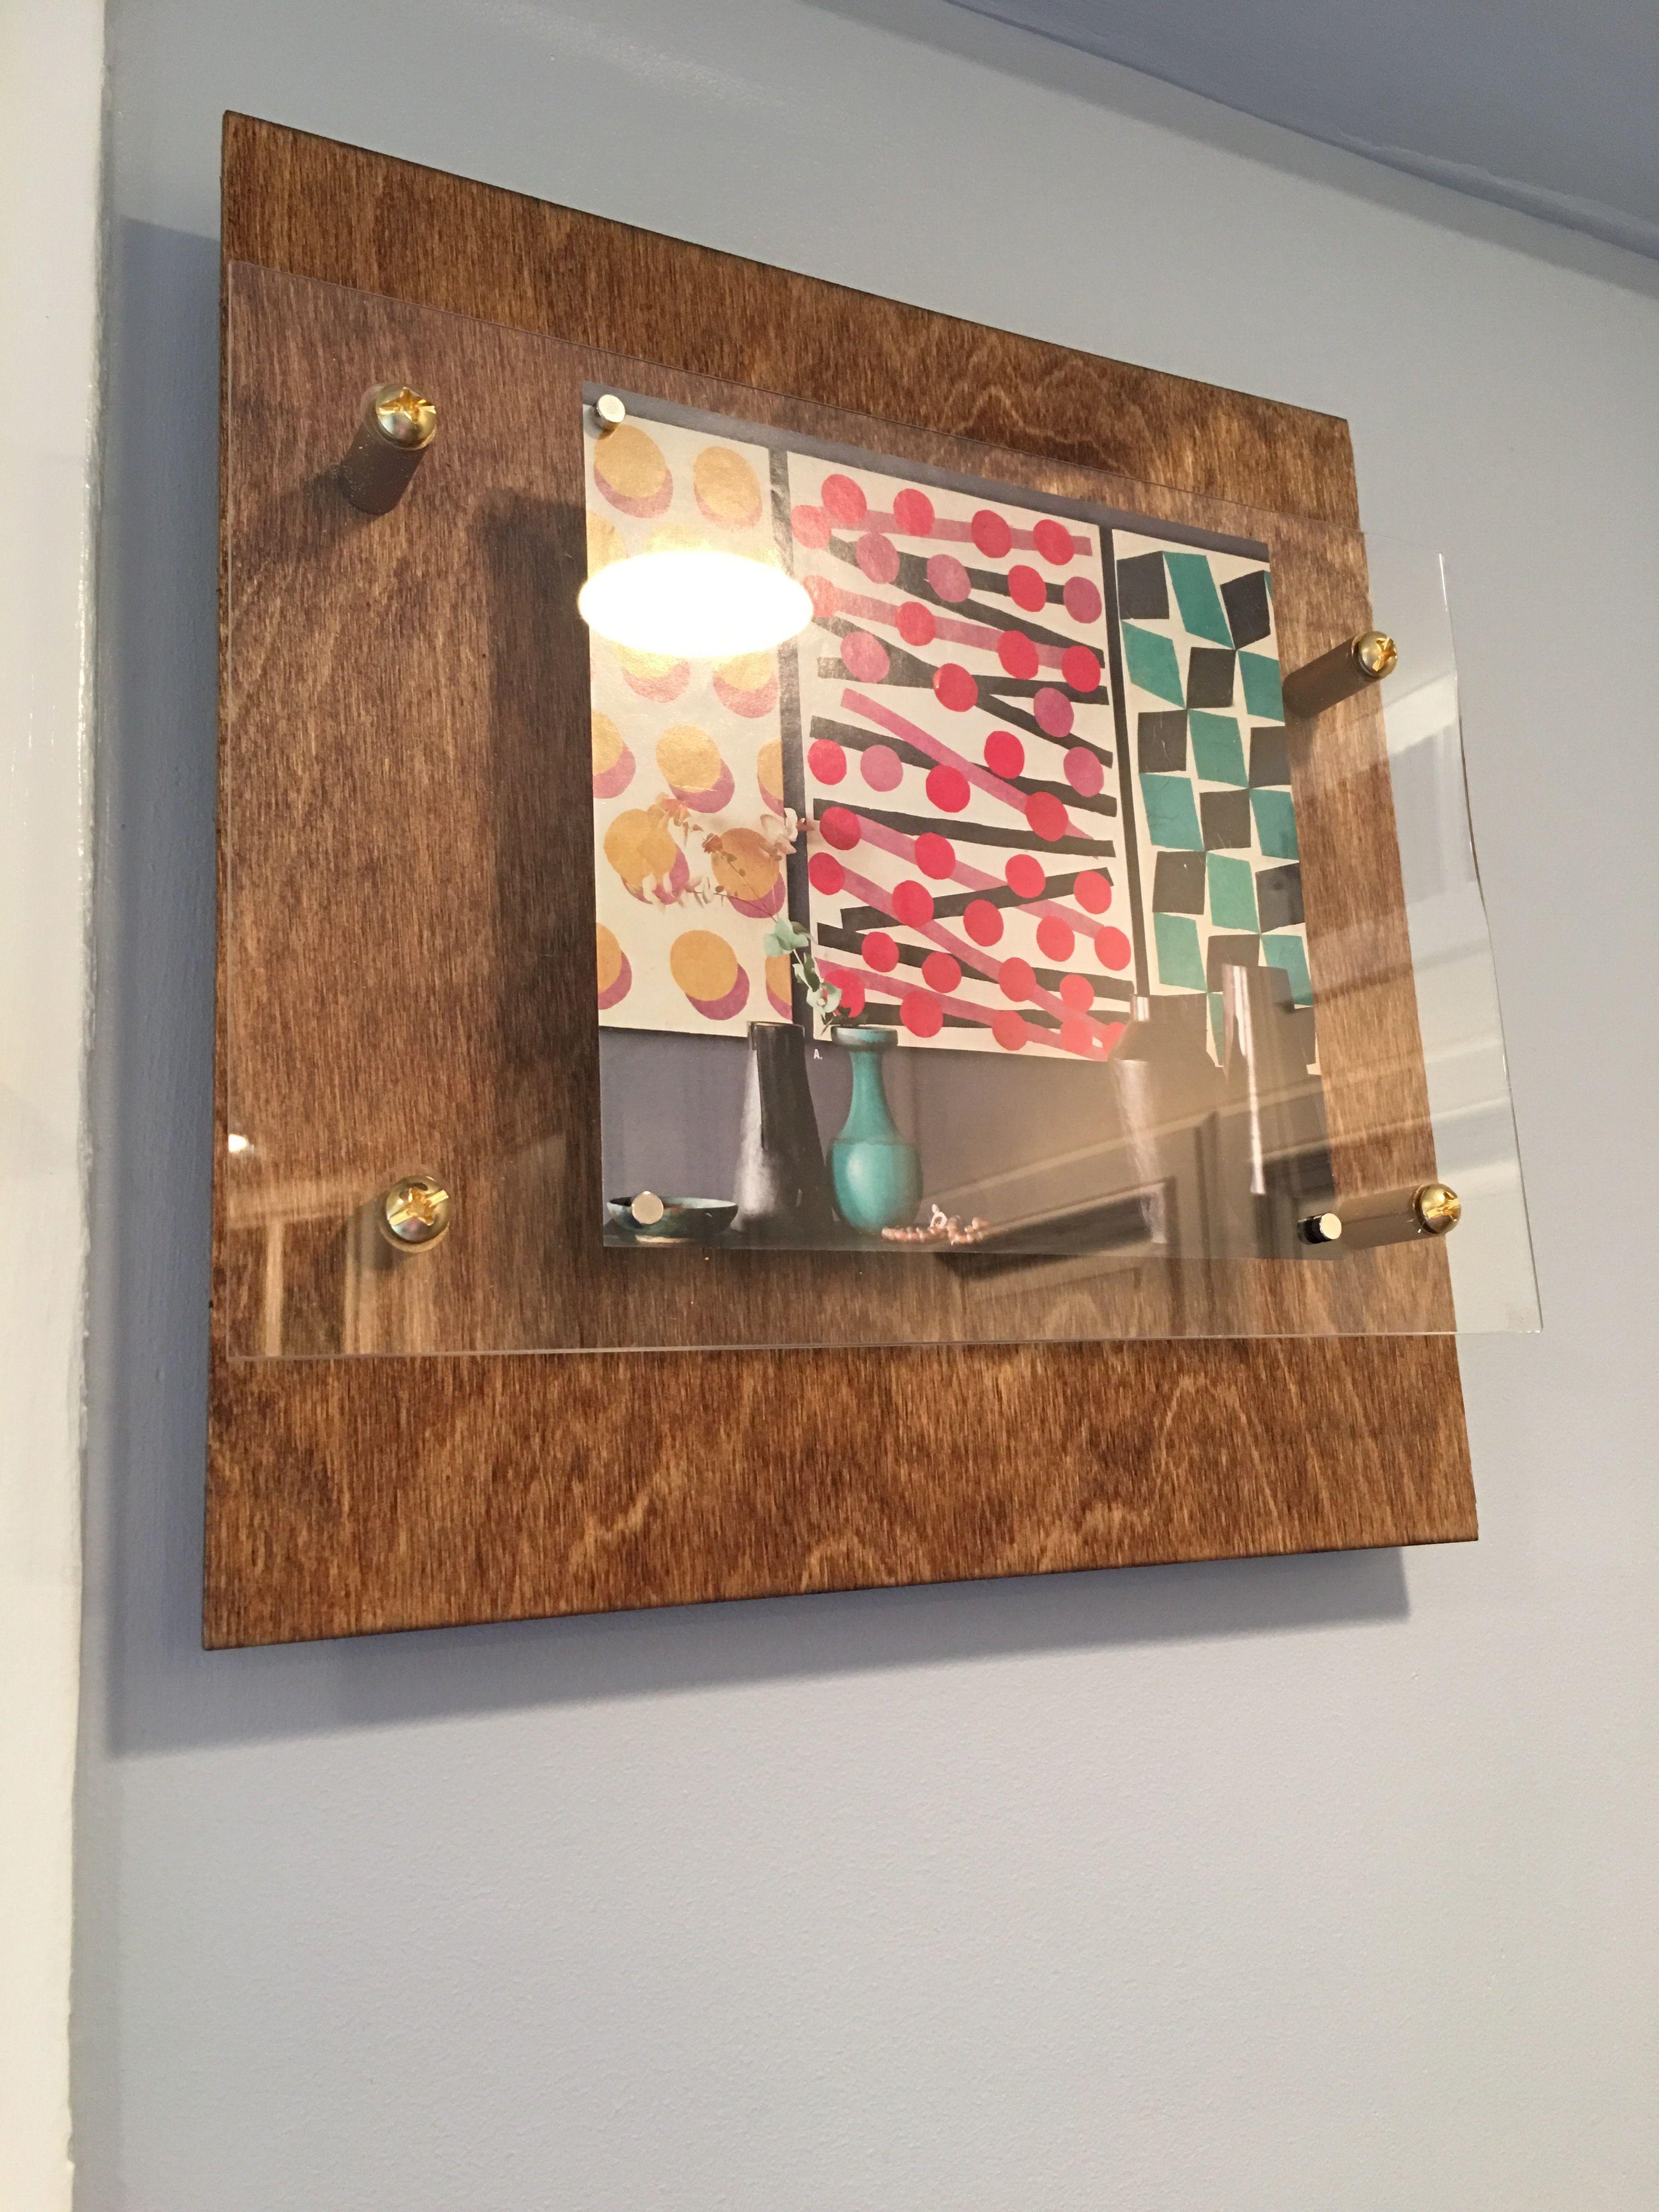 Wood Floating Display Frames In Kitchen Diy Frame